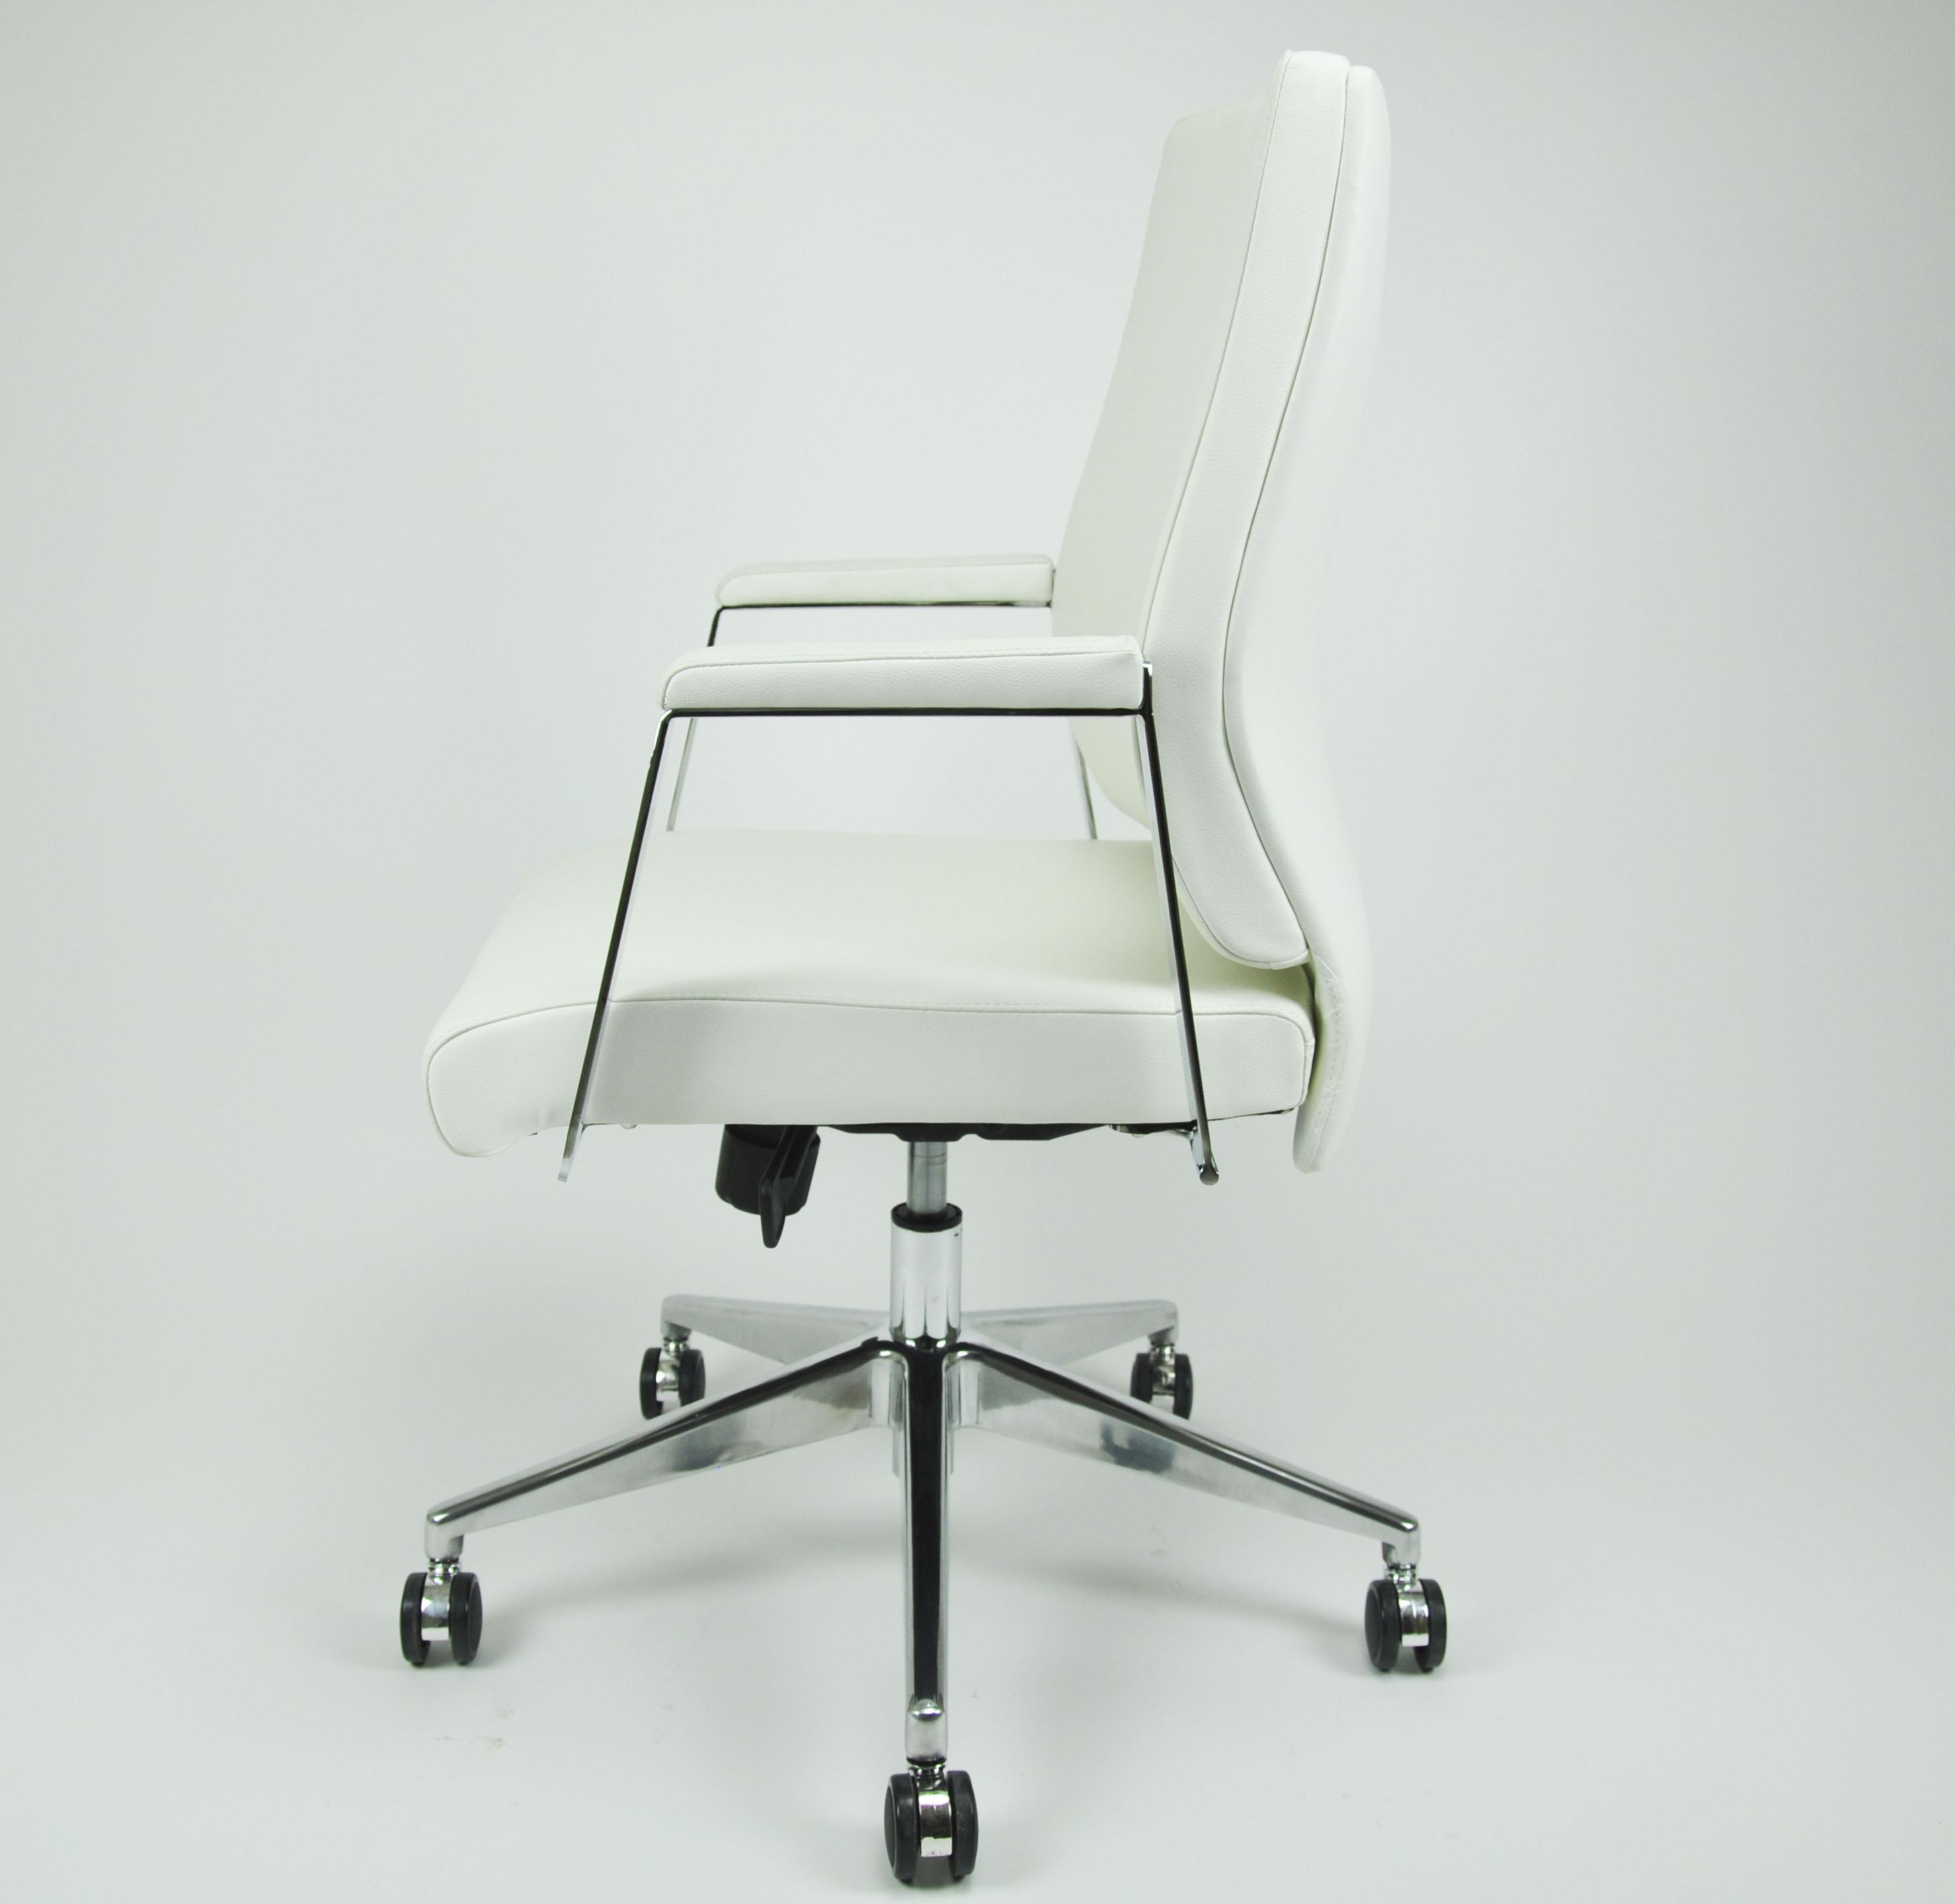 BOTIN-bajo-3 Sillería  - Mobiliario de Oficina